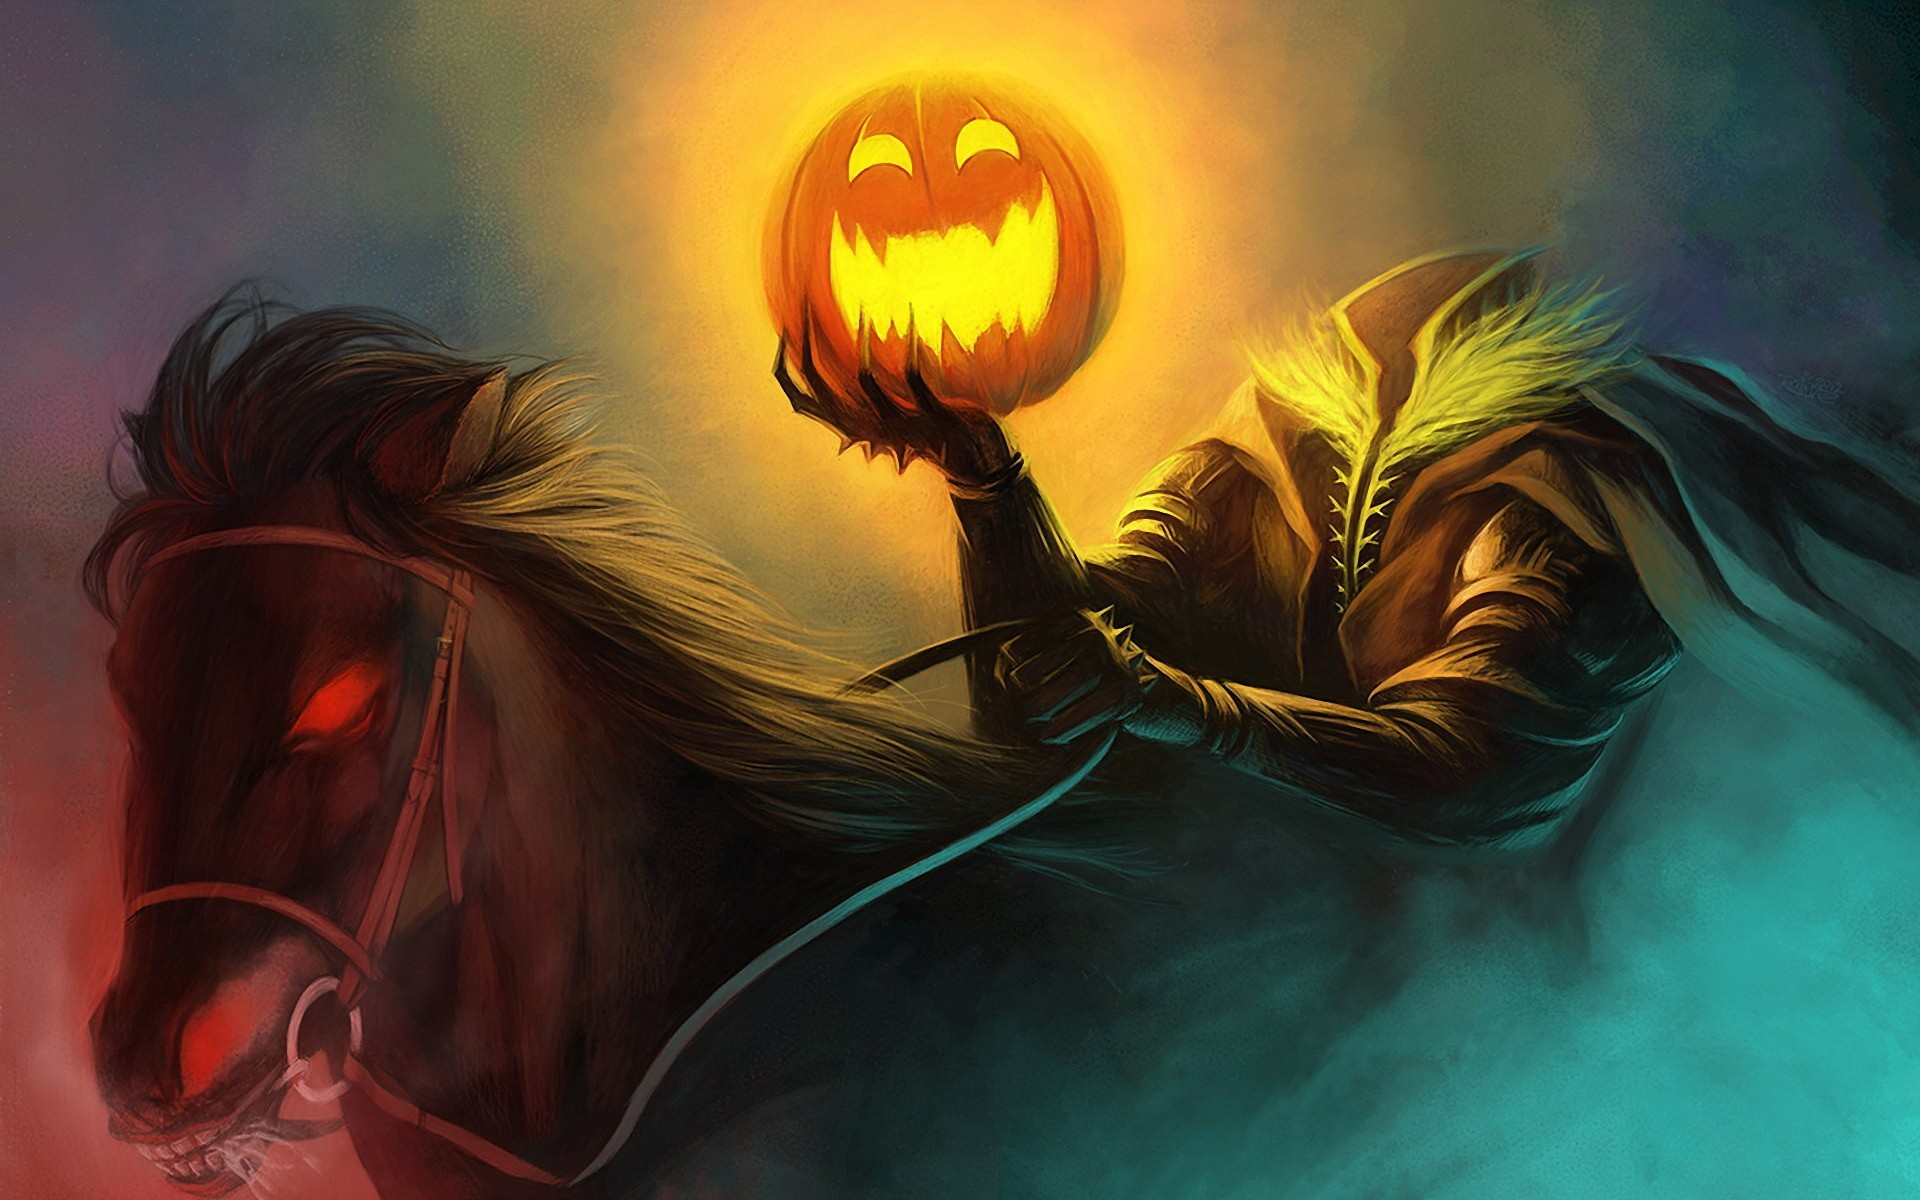 Good Wallpaper Halloween Horse - wallls  Photograph_246371.jpg